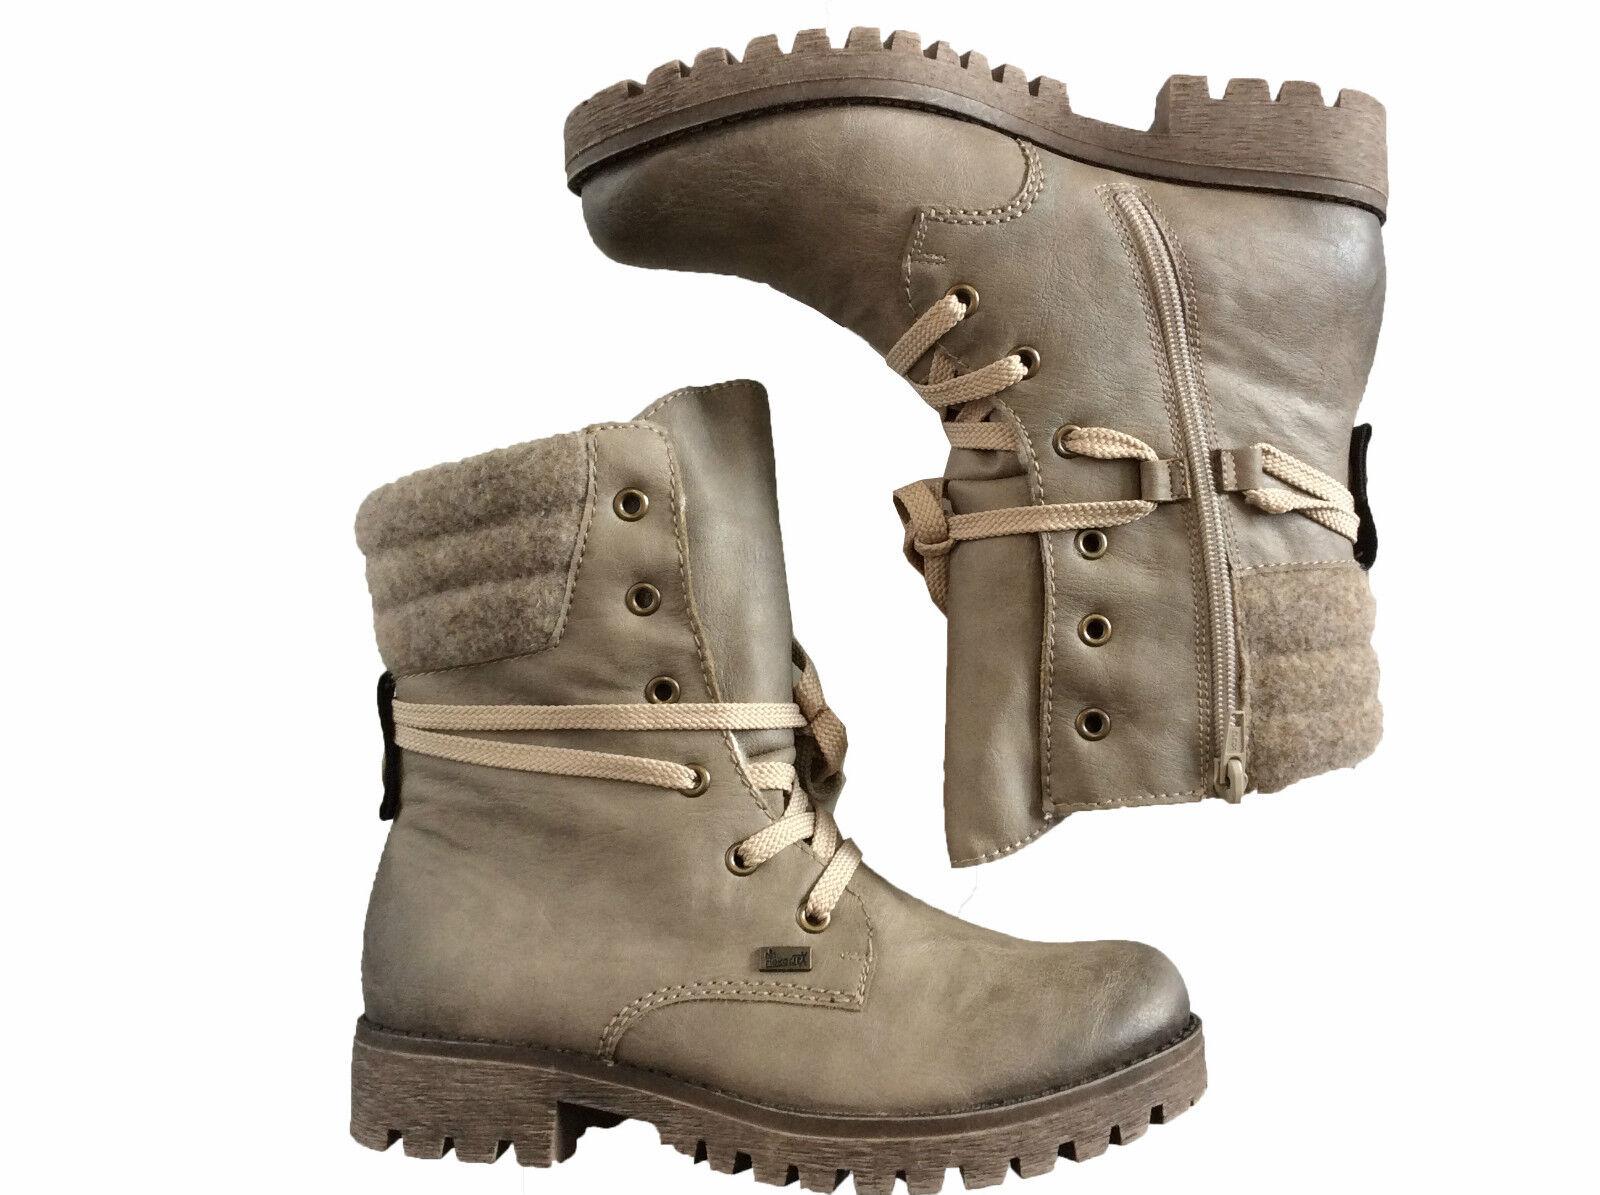 Rieker Stiefelette Stiefel Stiefel Schnürstiefel Beige TEX Damen Schuhe 171259 171259 171259  Qualität zuerst Verbraucher zuerst